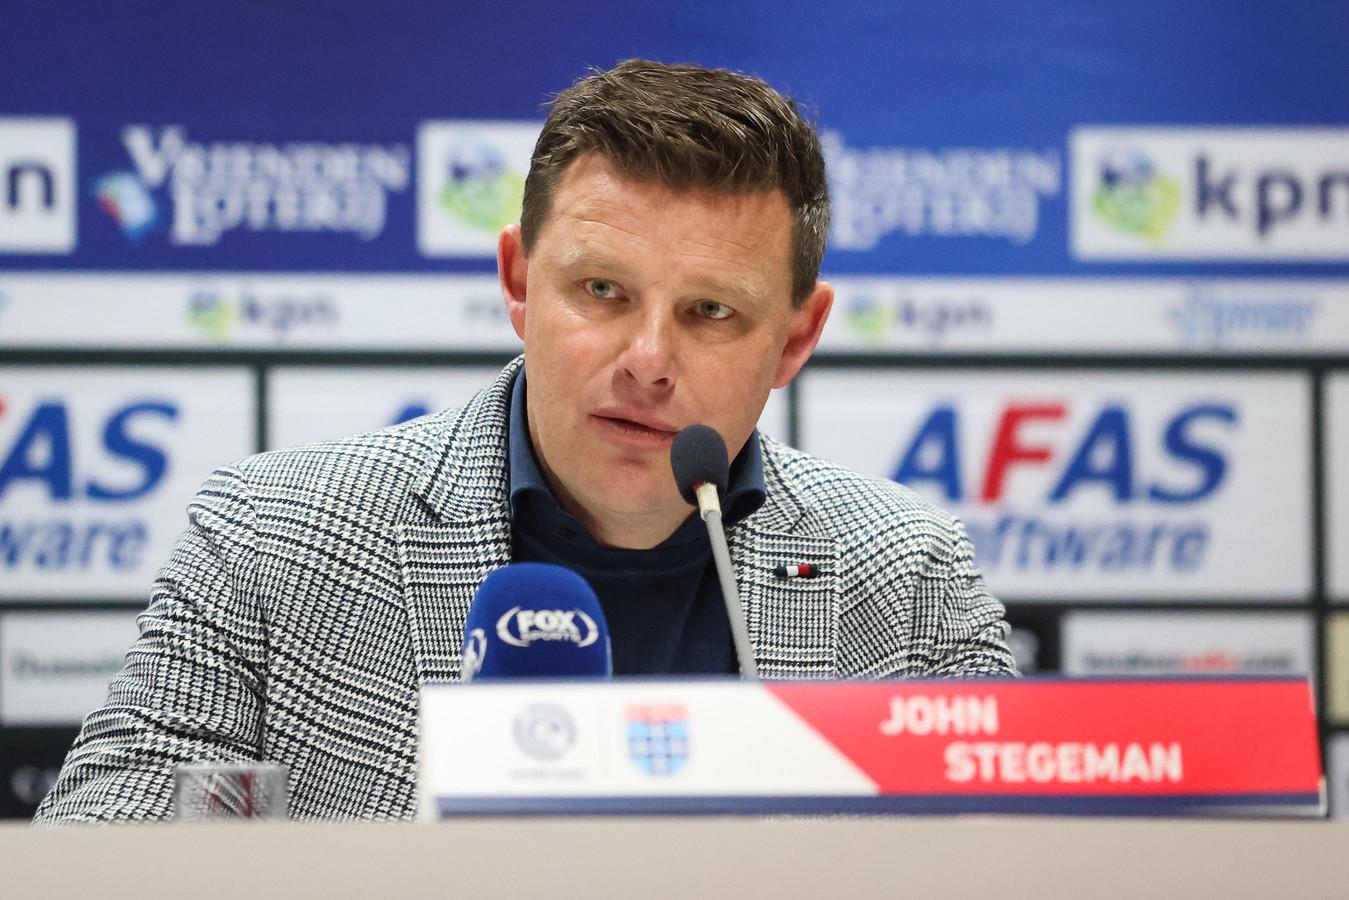 """John Stegeman heeft ondanks één zege na de winterstop het vertrouwen dat hij bij PEC Zwolle in de eredivisie zal houden: ,,Ik denk nog steeds dat wij met elkaar voldoende punten kunnen pakken om erin te blijven."""""""